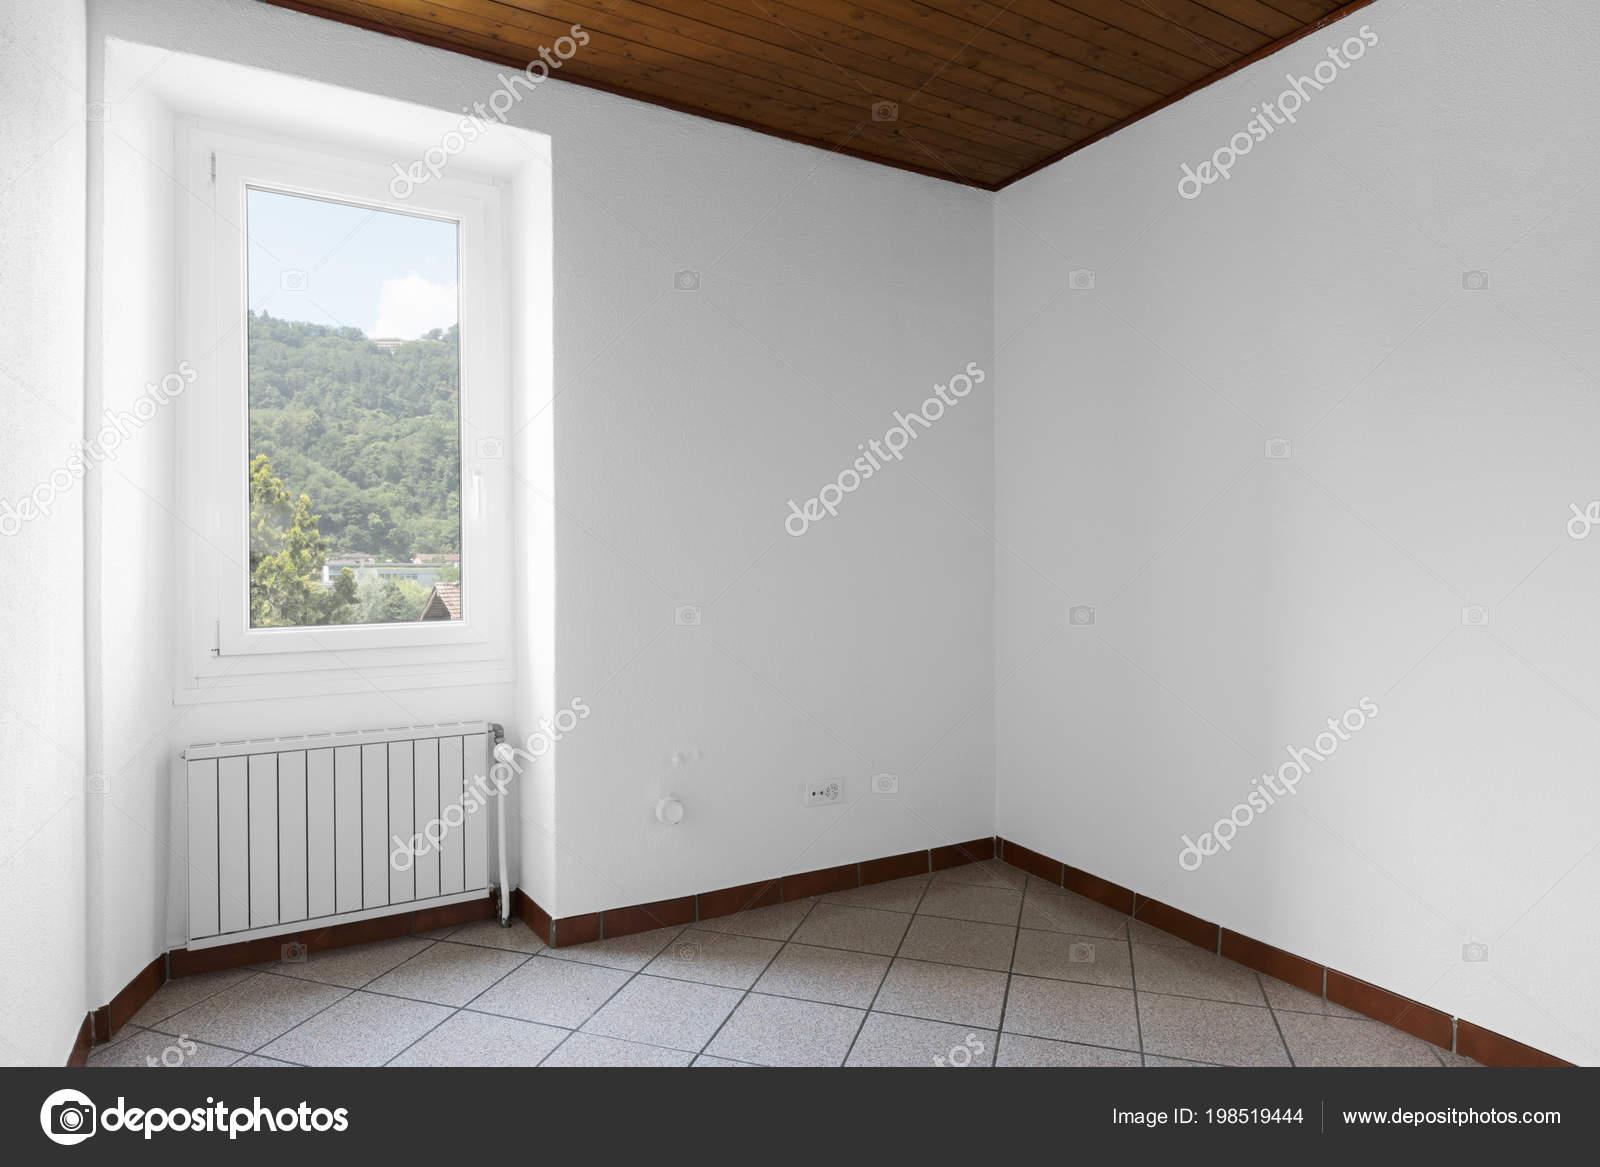 Soffitti In Legno Bianco : Trave di legno una scelta diversa per rinnovare la casa